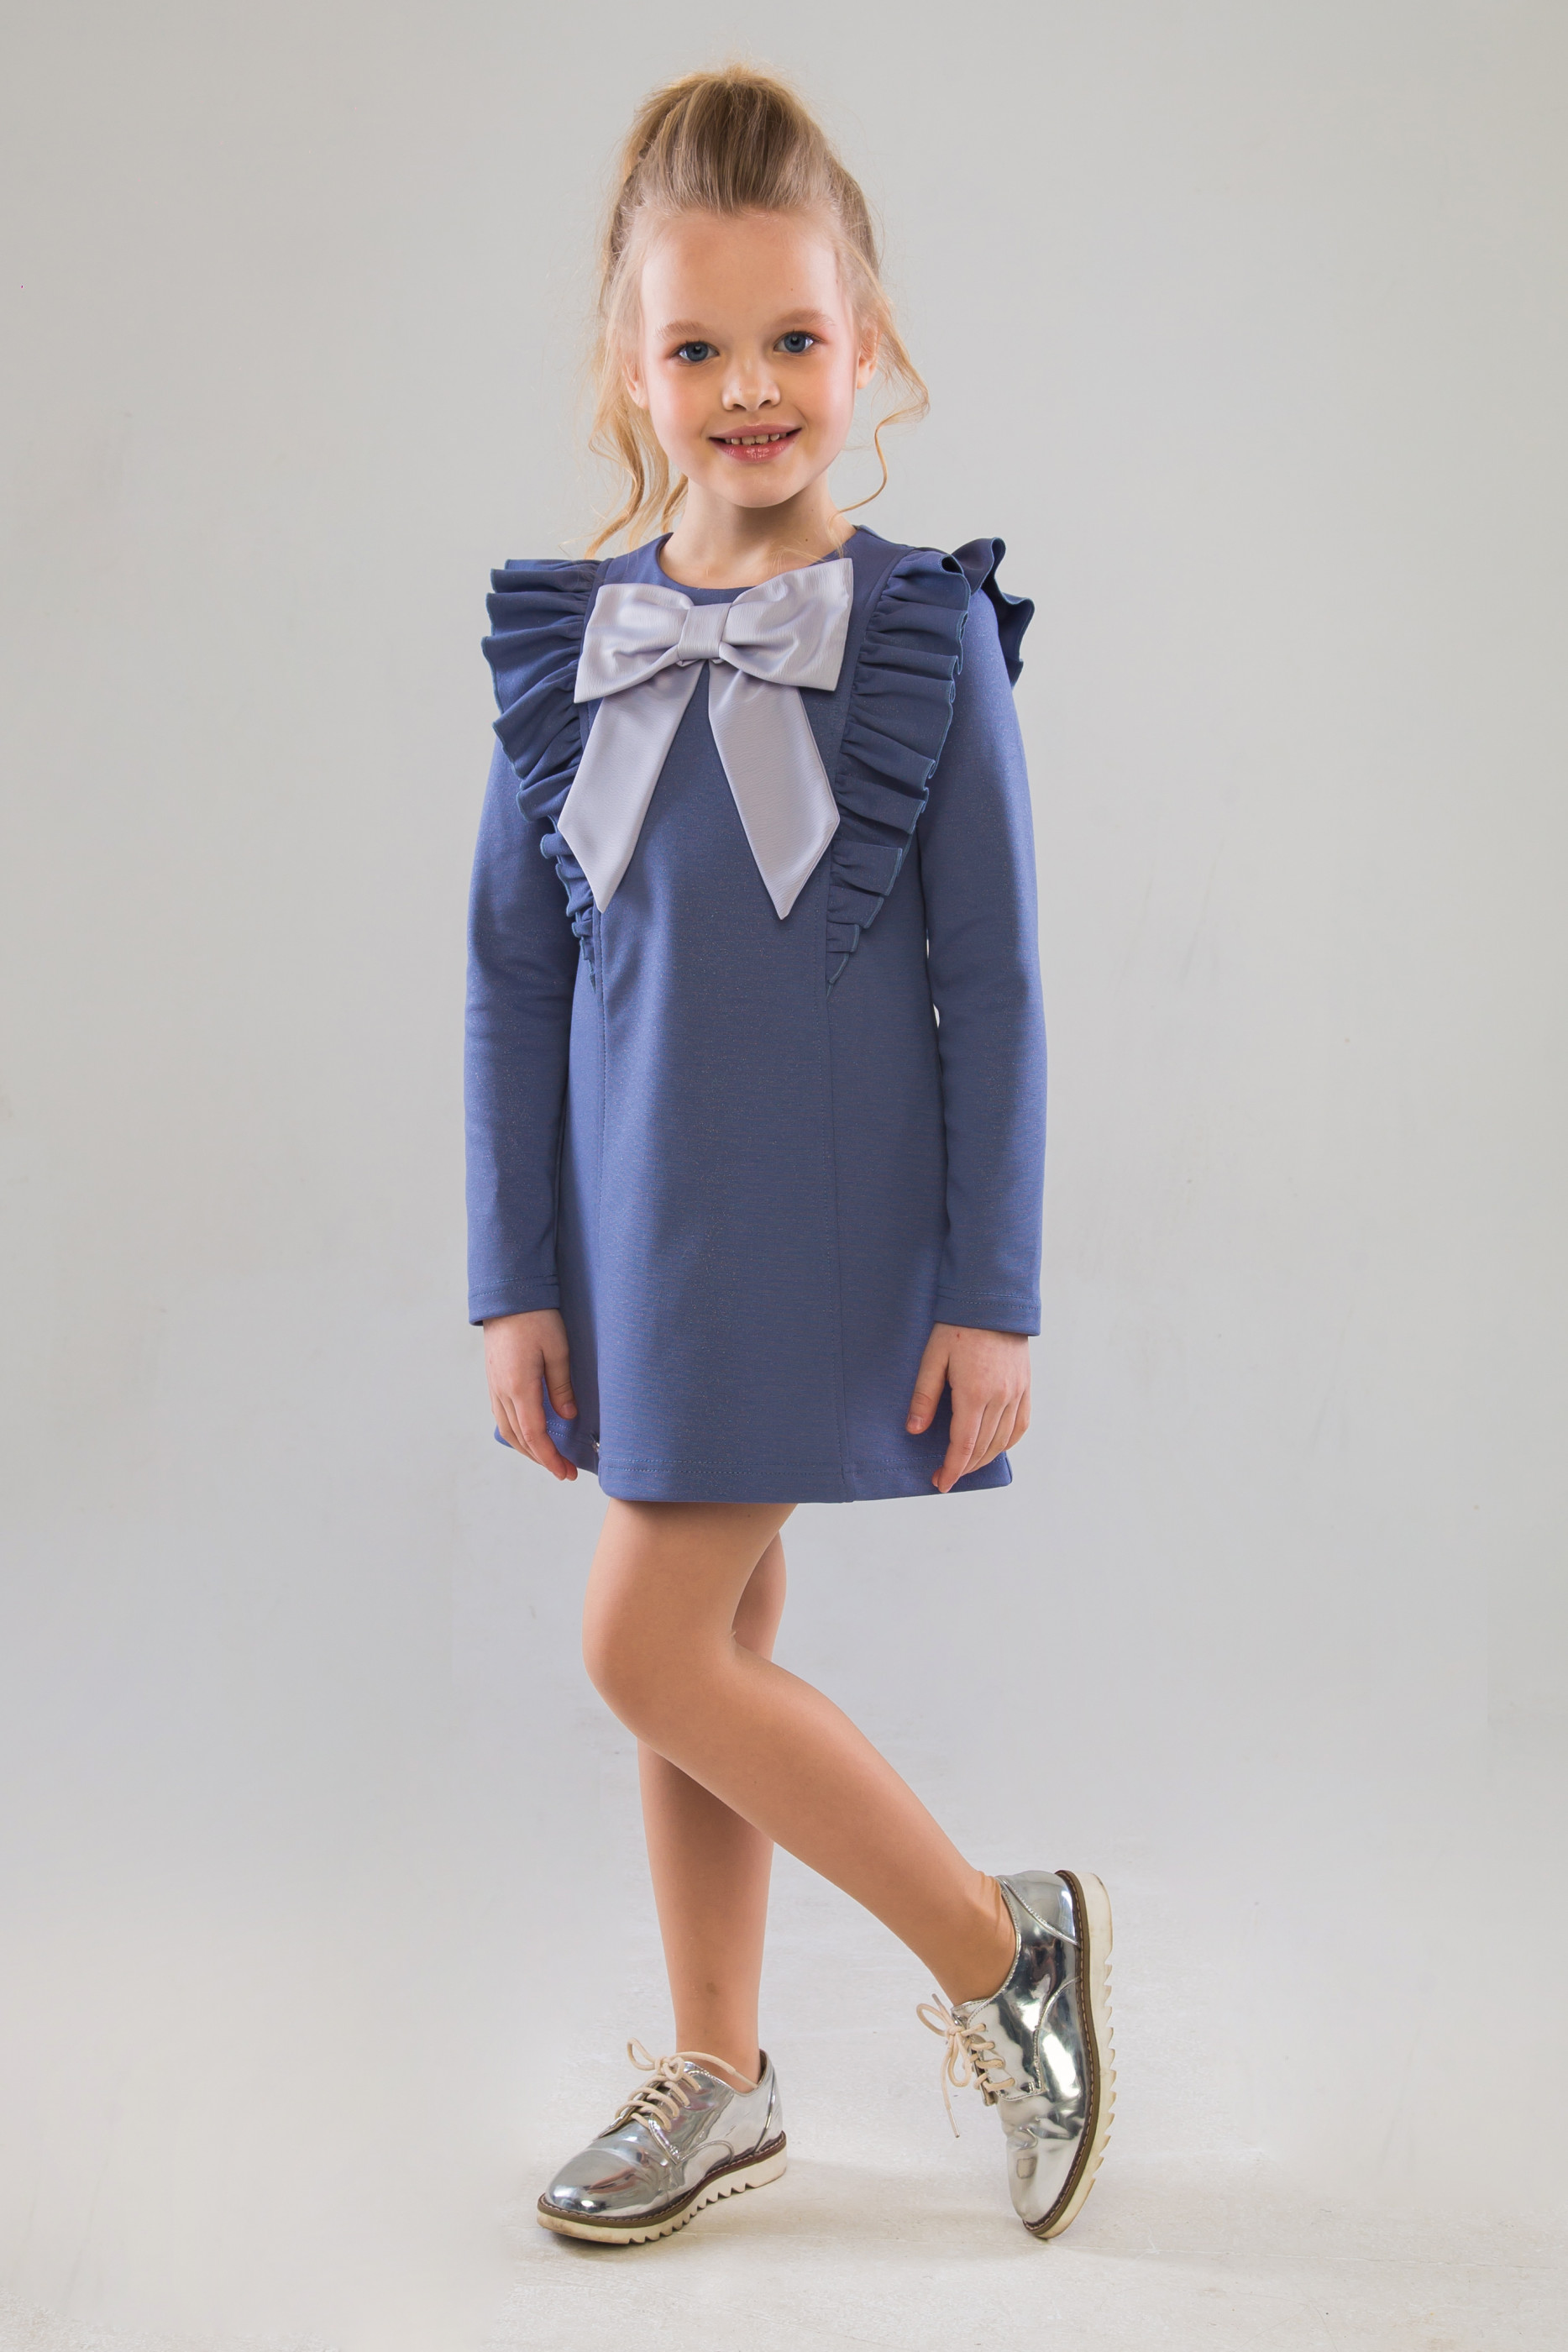 Плаття Емі, фото №1